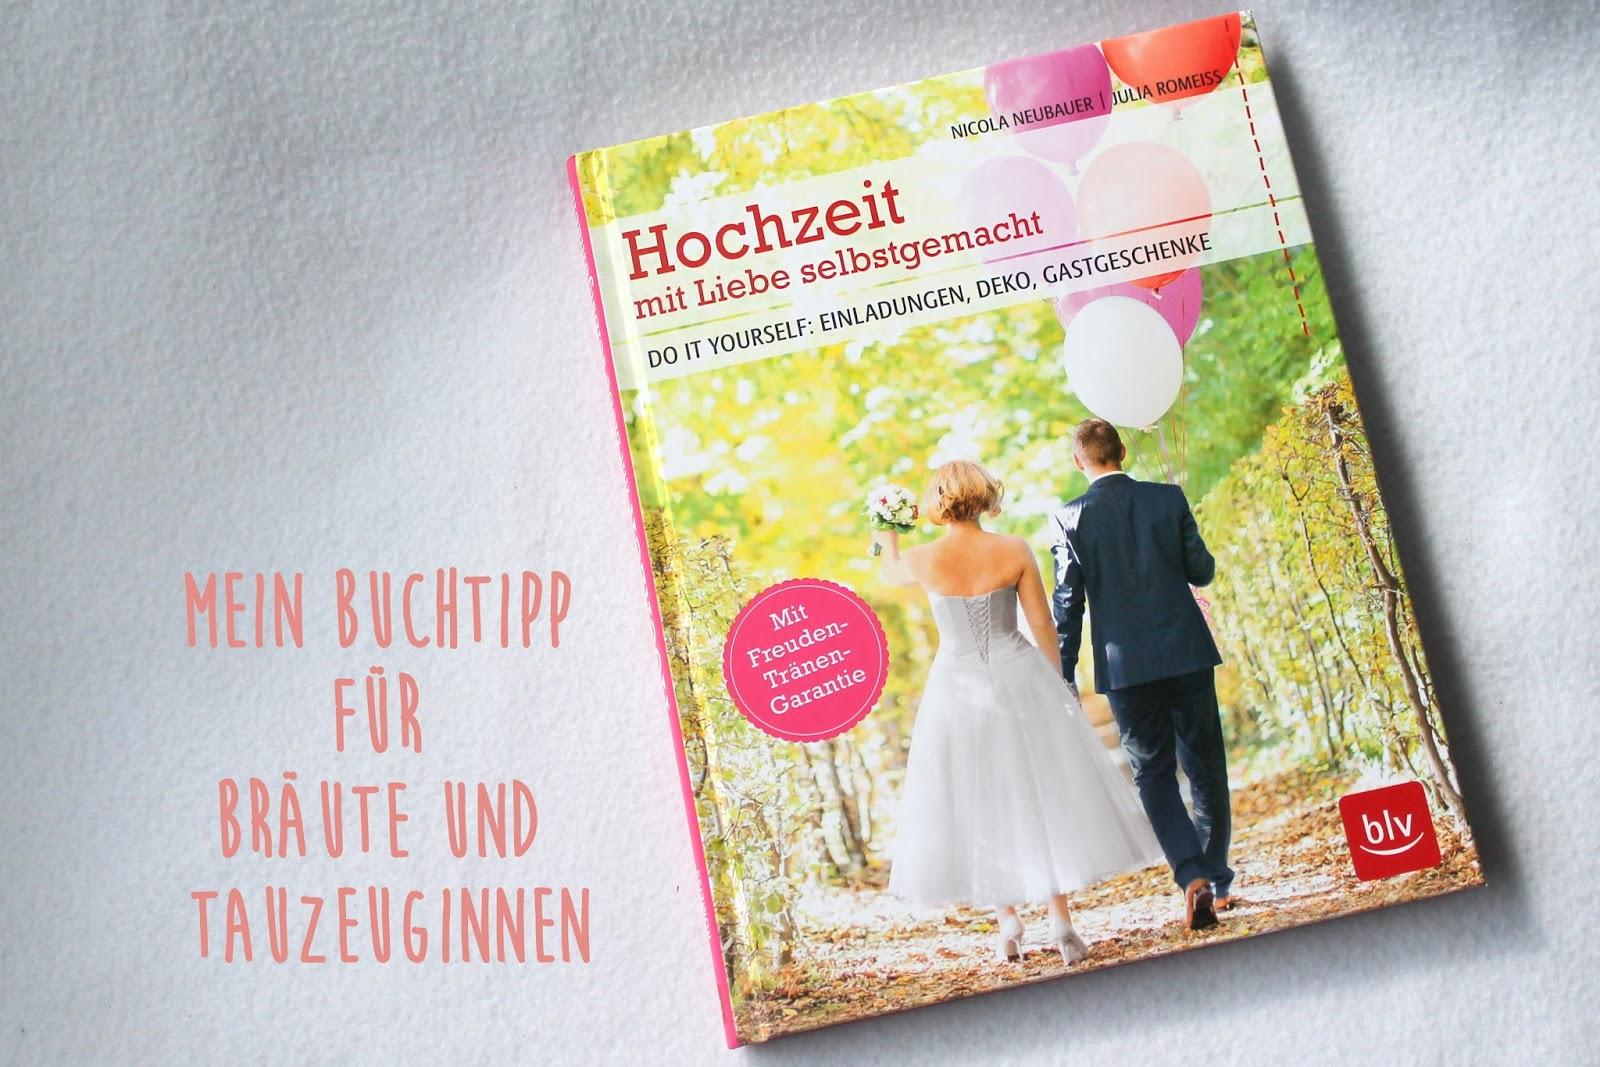 Buchvorstellung Hochzeit mit Liebe selbstgemacht Julia Romeiss und Nicola Neubauer